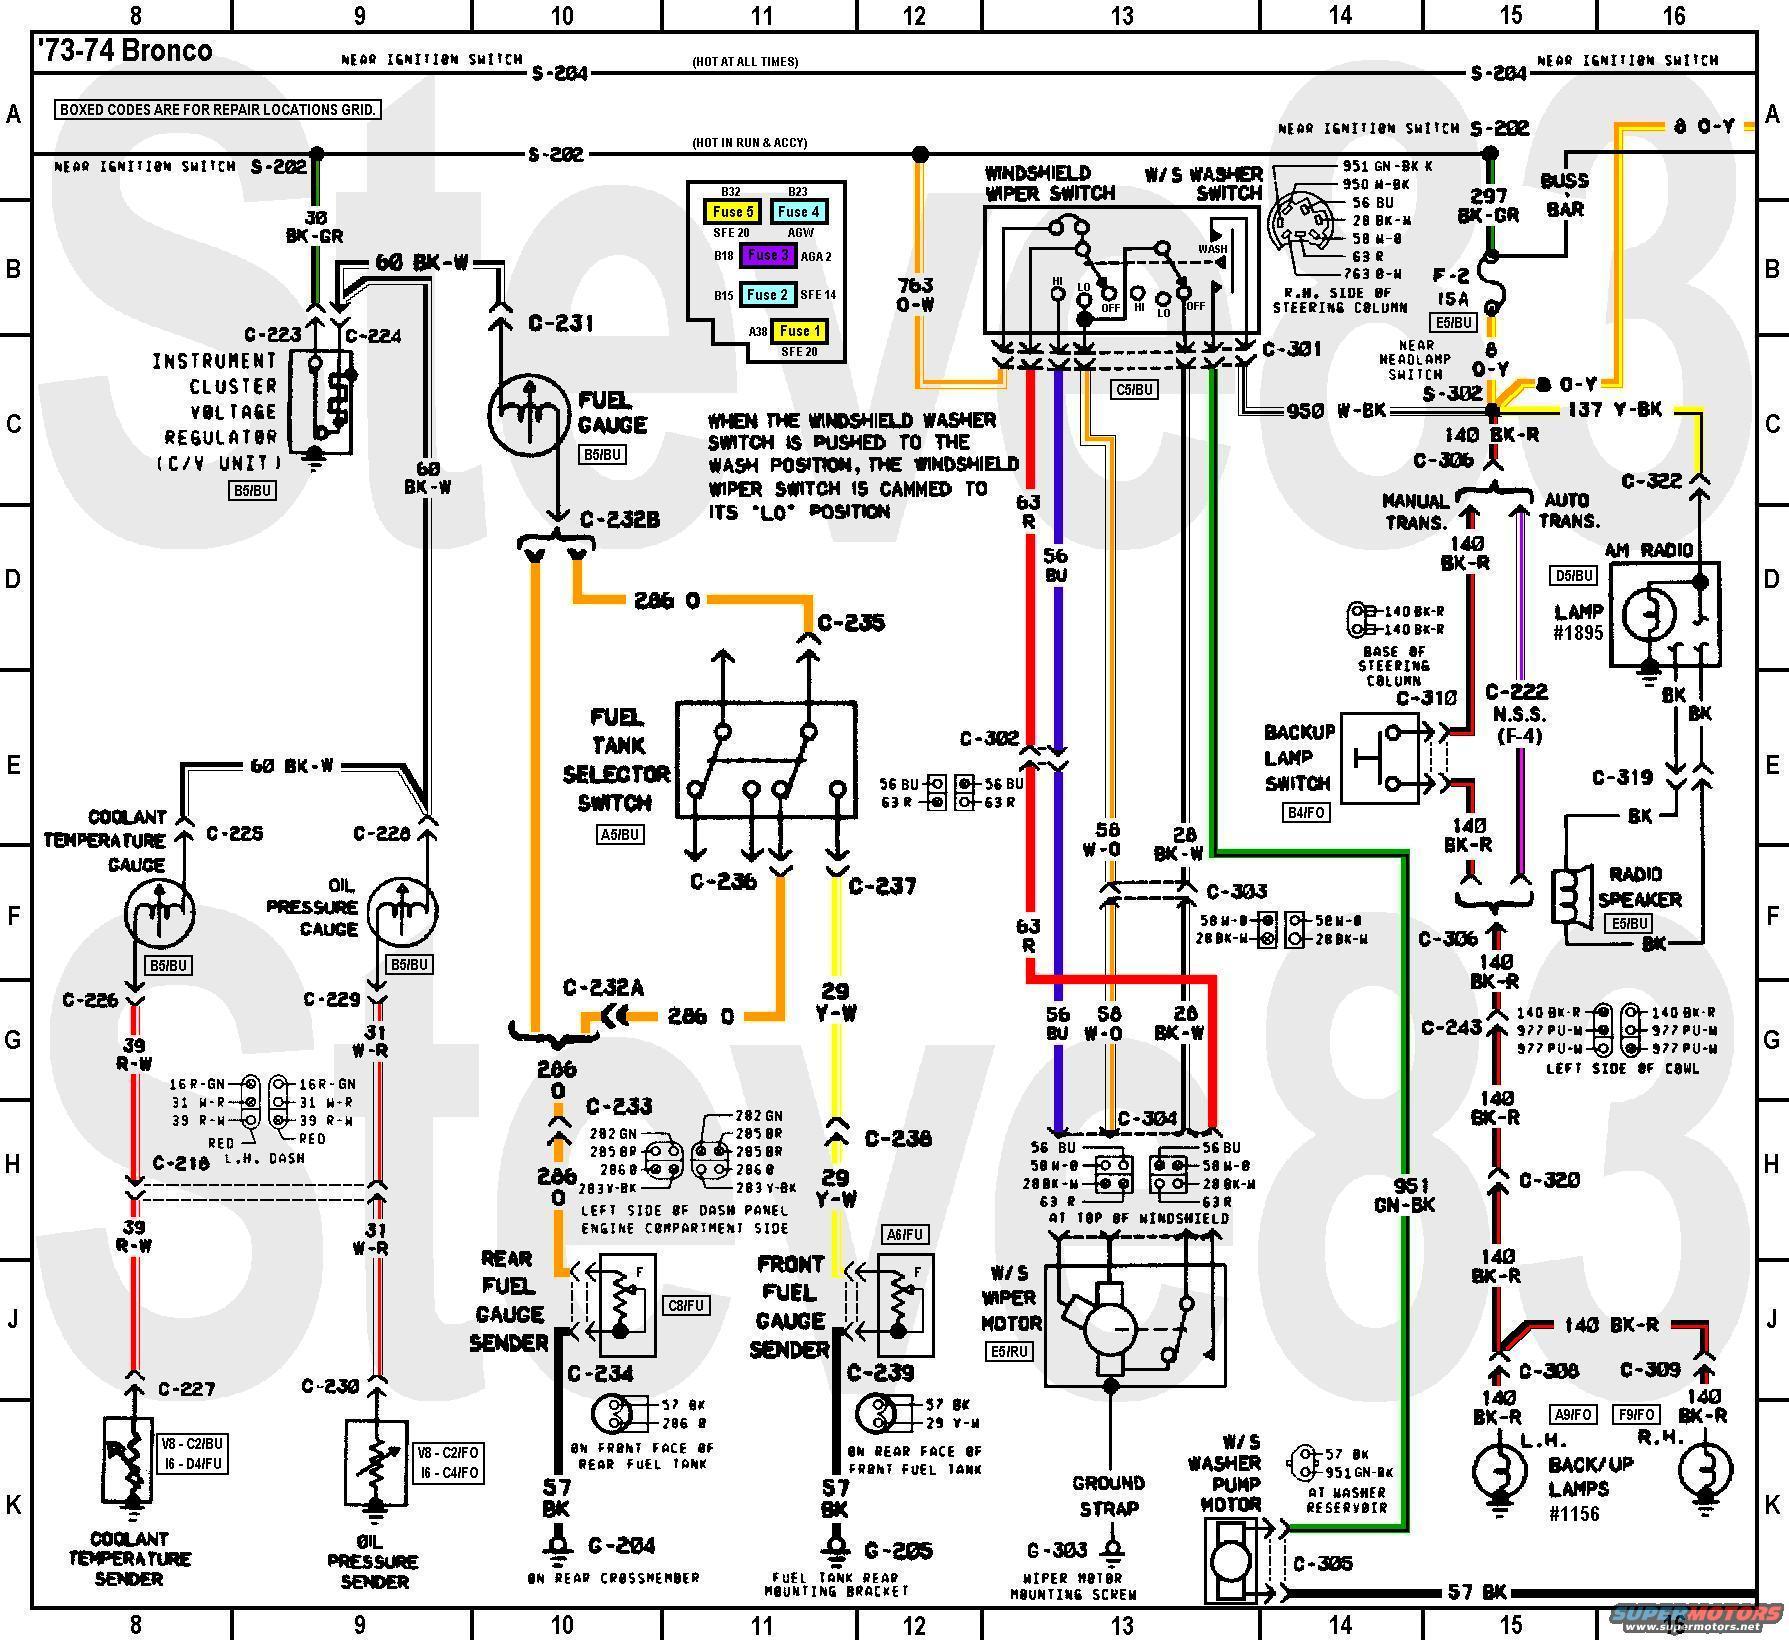 mitsubishi stereo wiring diagram free workflow tool, Wiring diagram